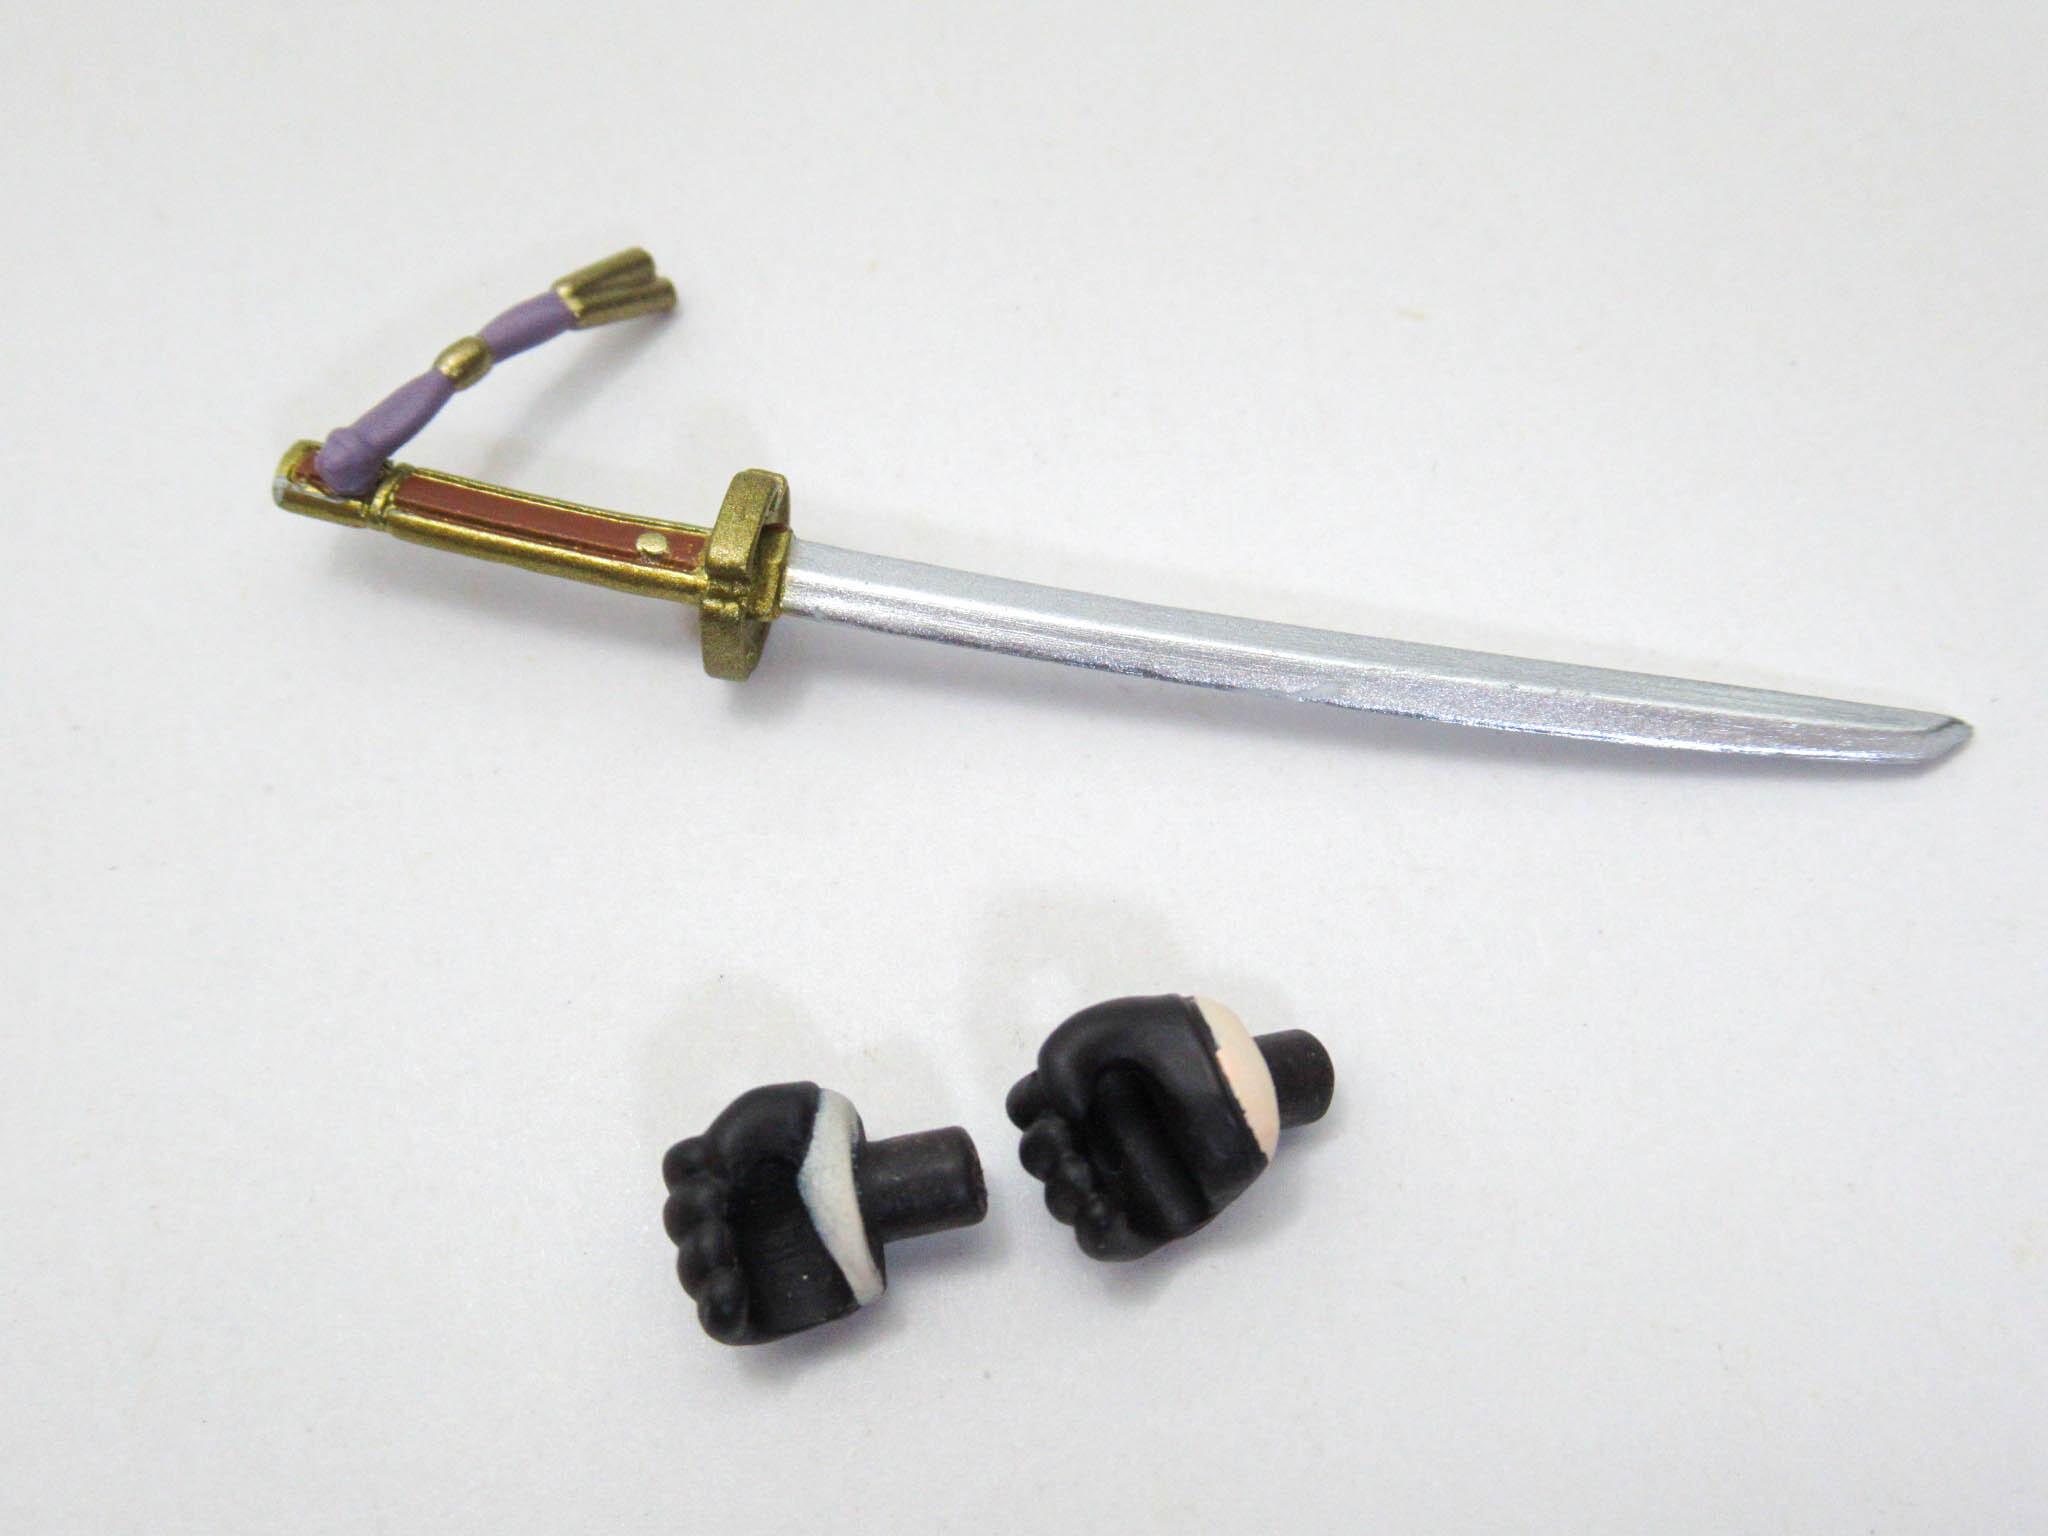 再入荷【841】 髭切 小物パーツ 刀 (A−ランク) ねんどろいど